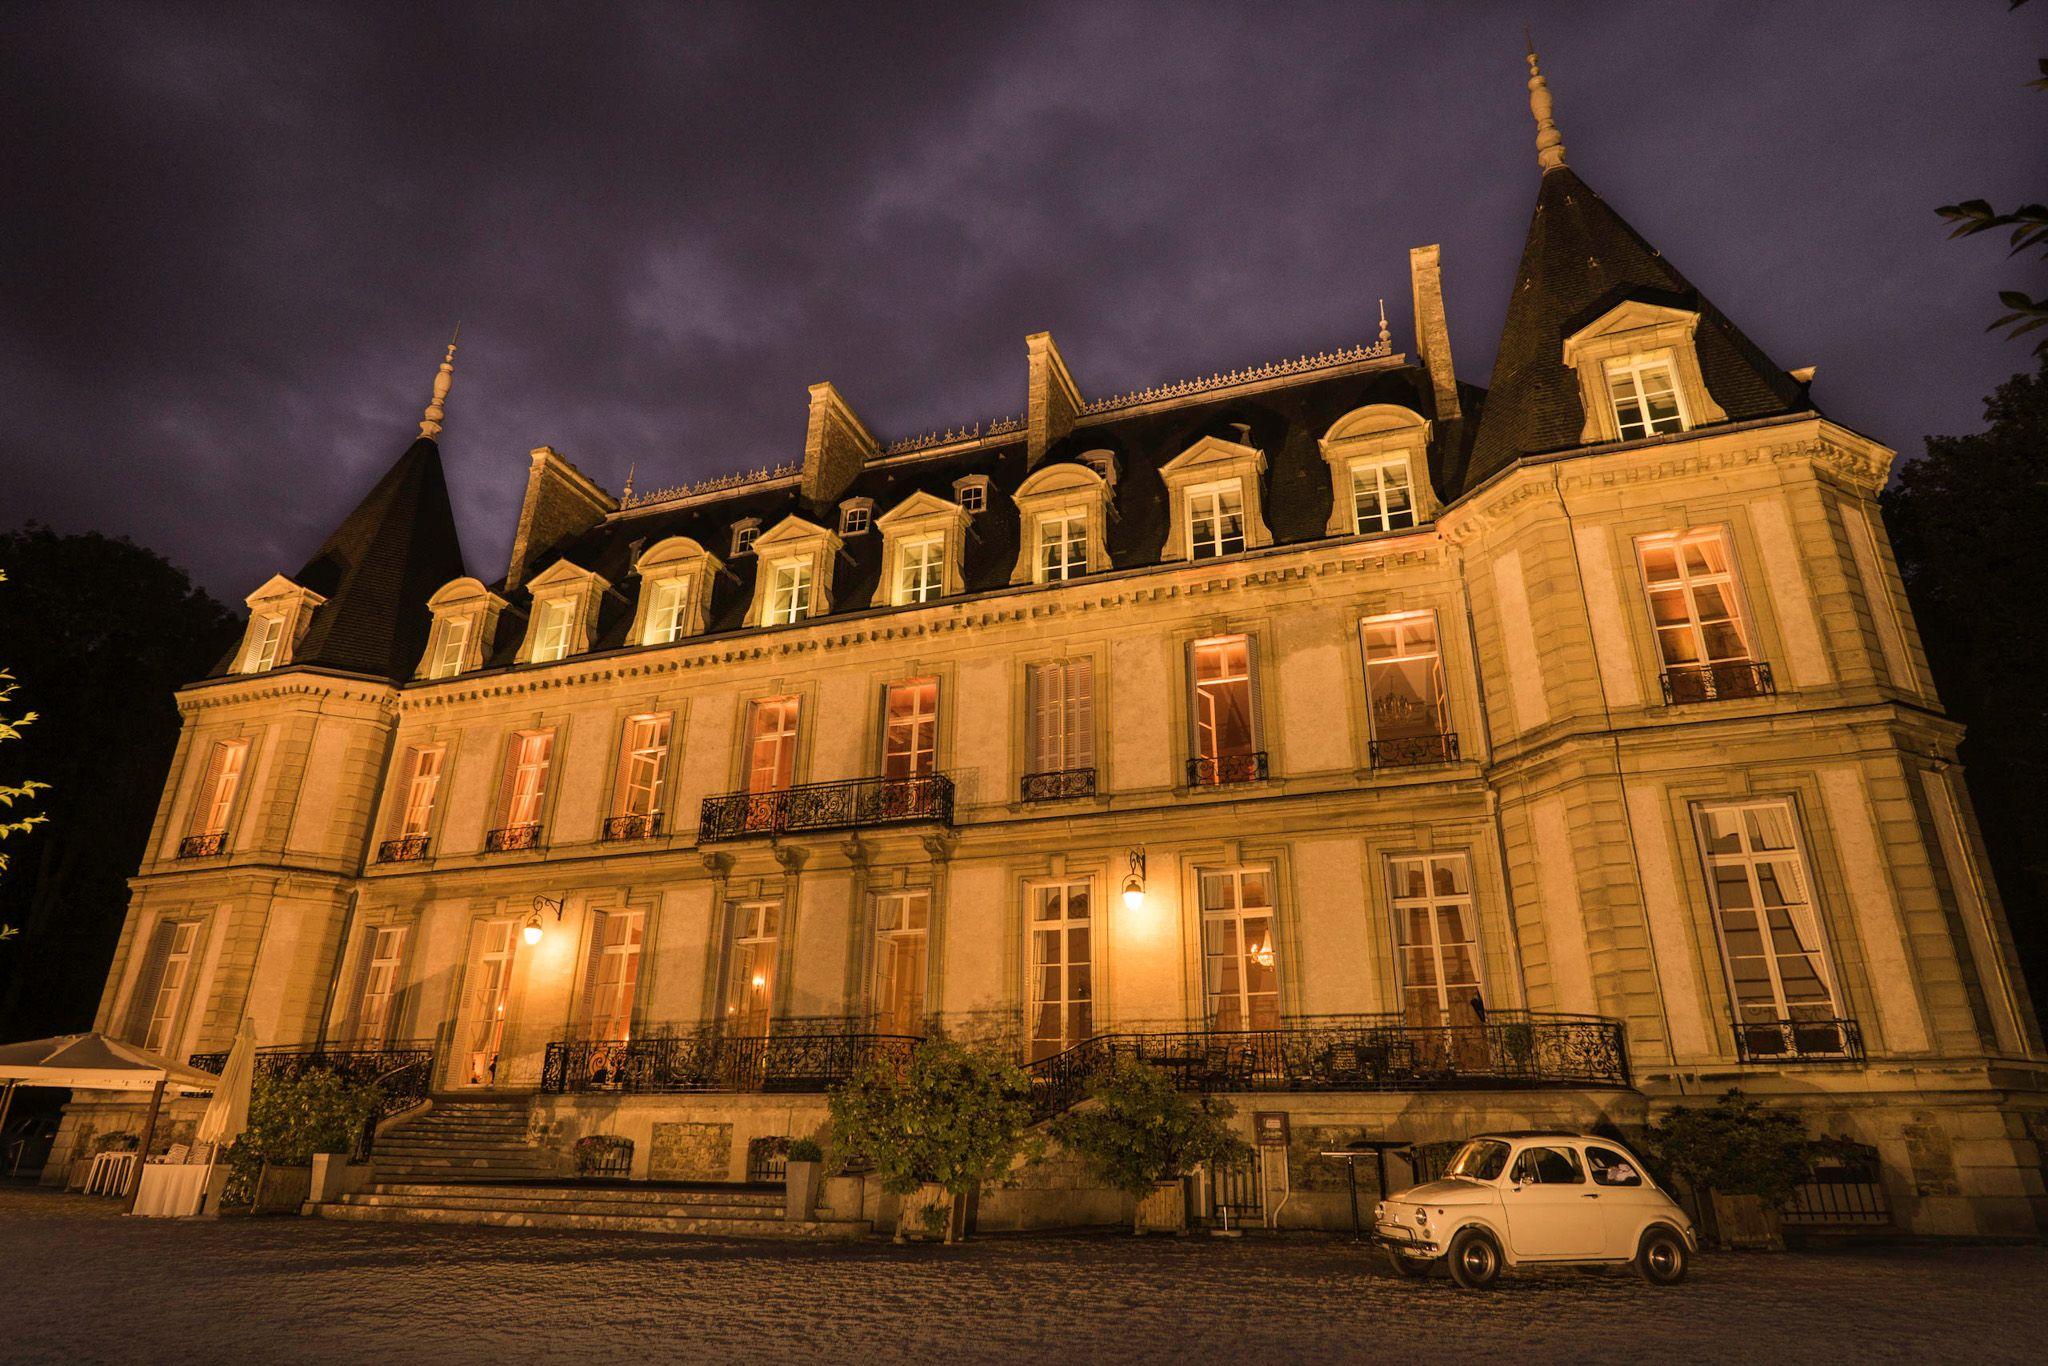 Eclairage façade du Chateau de Santeny